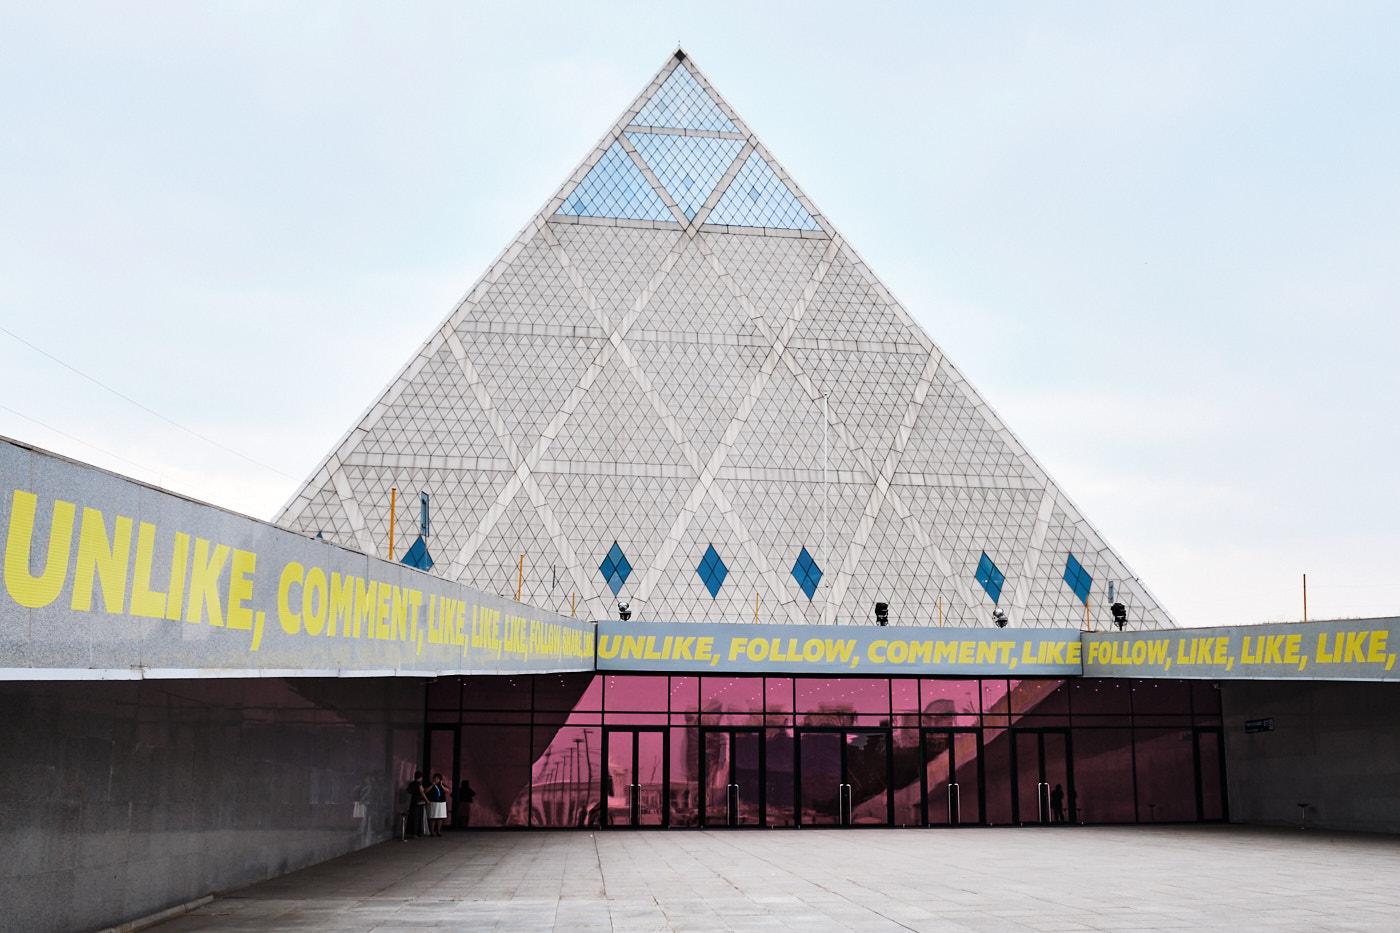 """Pyramide des Friedens und der Eintracht, ebenfalls von Fosters + Partners. Das Bauwerk soll die verschiedenen Religionen in der Welt symbolisieren, ist Tagungsort des """"Congress of Leaders of World and Traditional Religions"""" und beherbergt unter anderem eine Oper mit 1.500 Plätzen sowie mehrere Bildungseinrichtungen."""